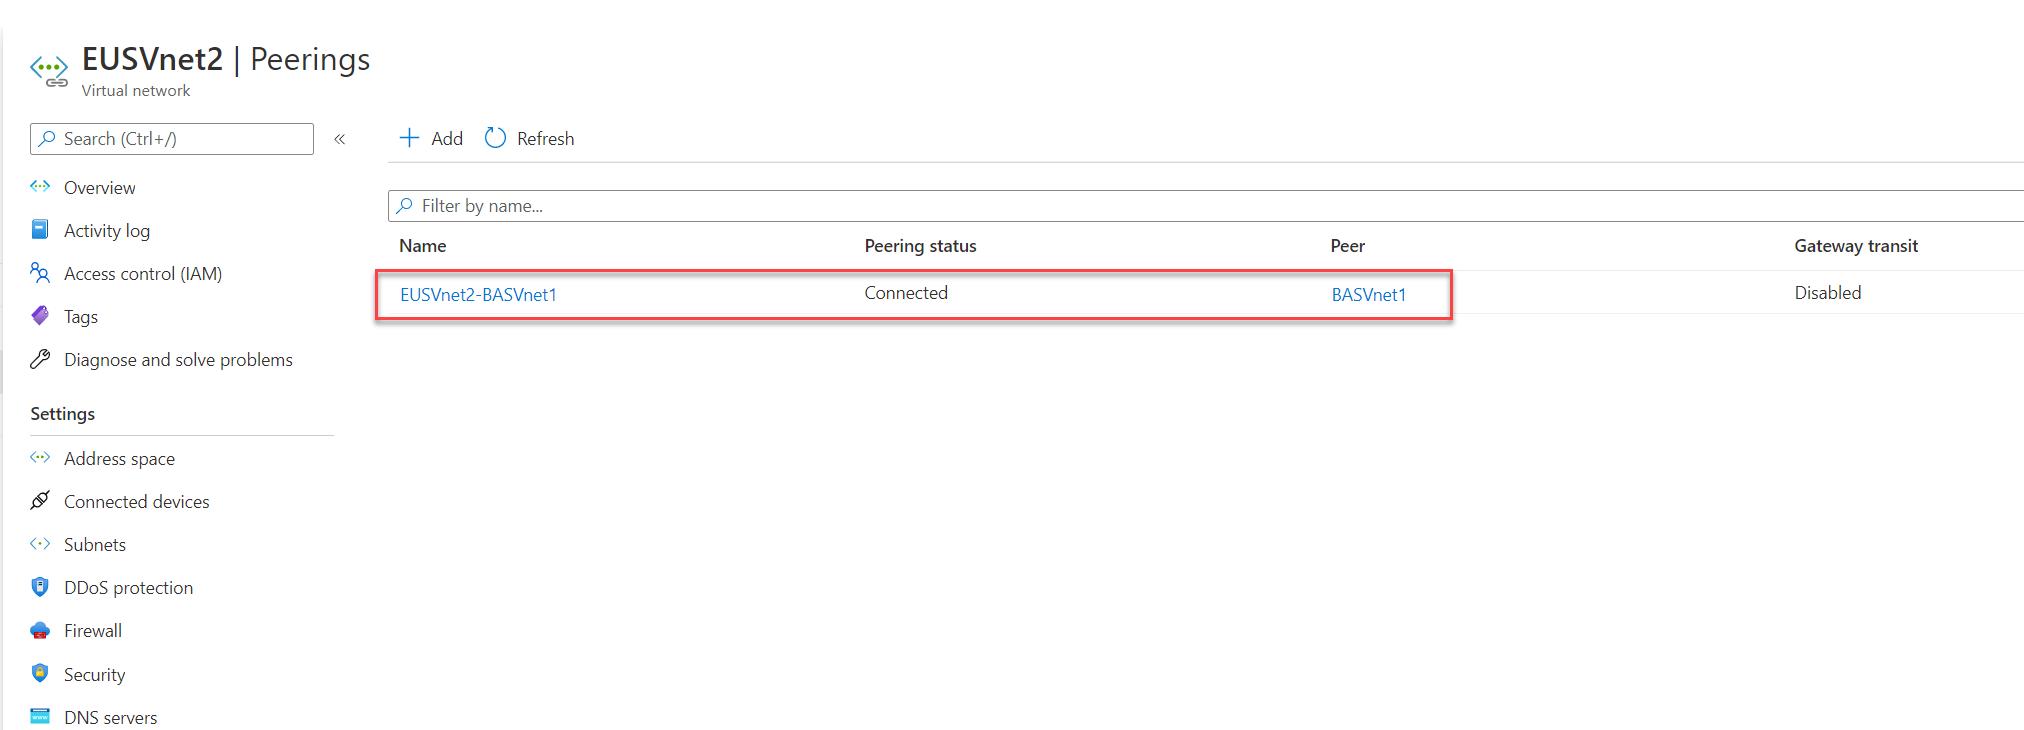 Azure VNet Peering from EUSVnet2 to BASVnet1